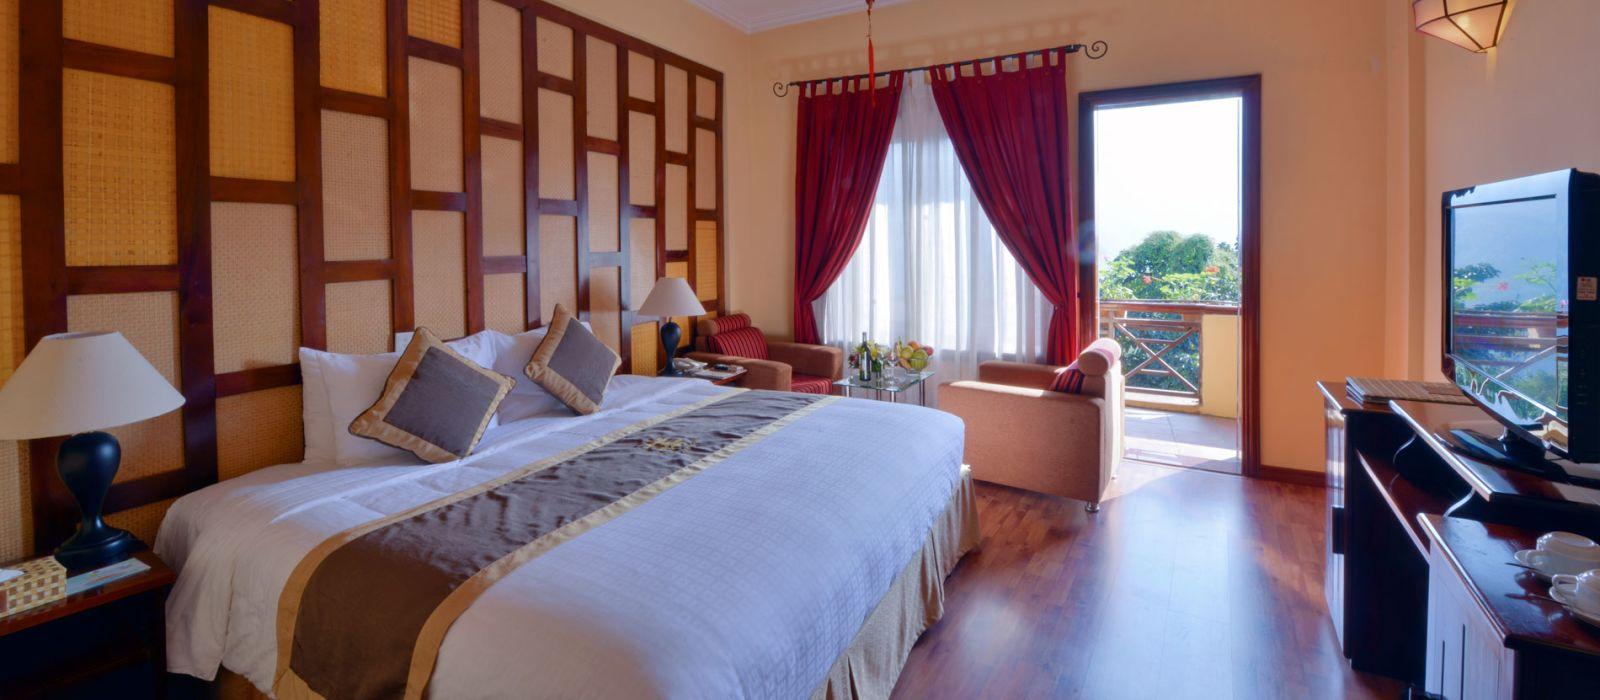 Hotel Chau Long  (Sapa) Vietnam